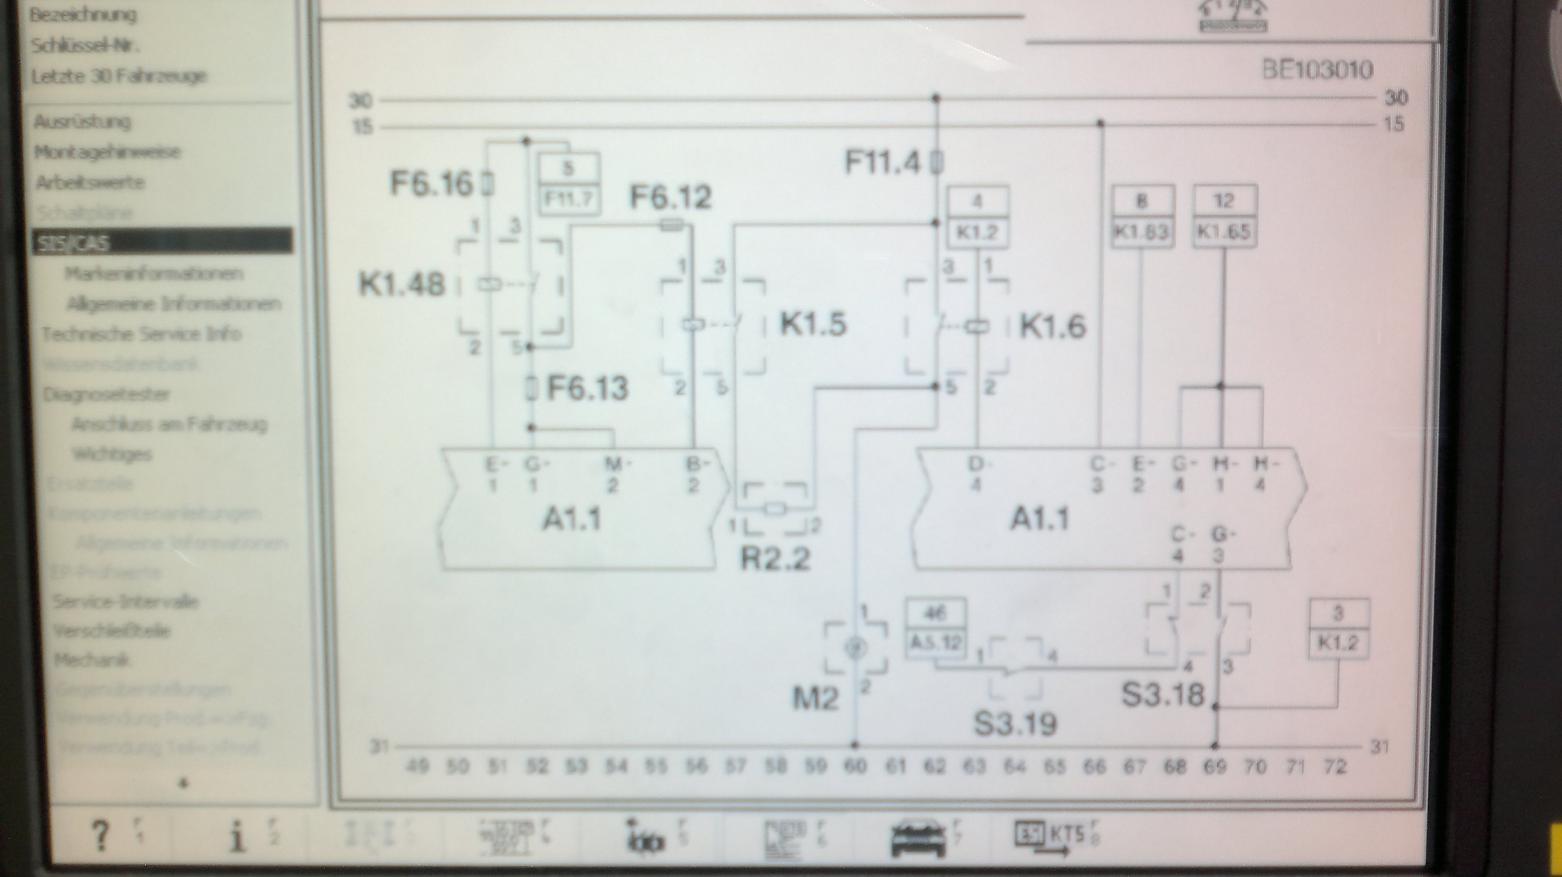 Fusion (Bj. 02-**) JU2 - E-Lüfter läuft ständig,